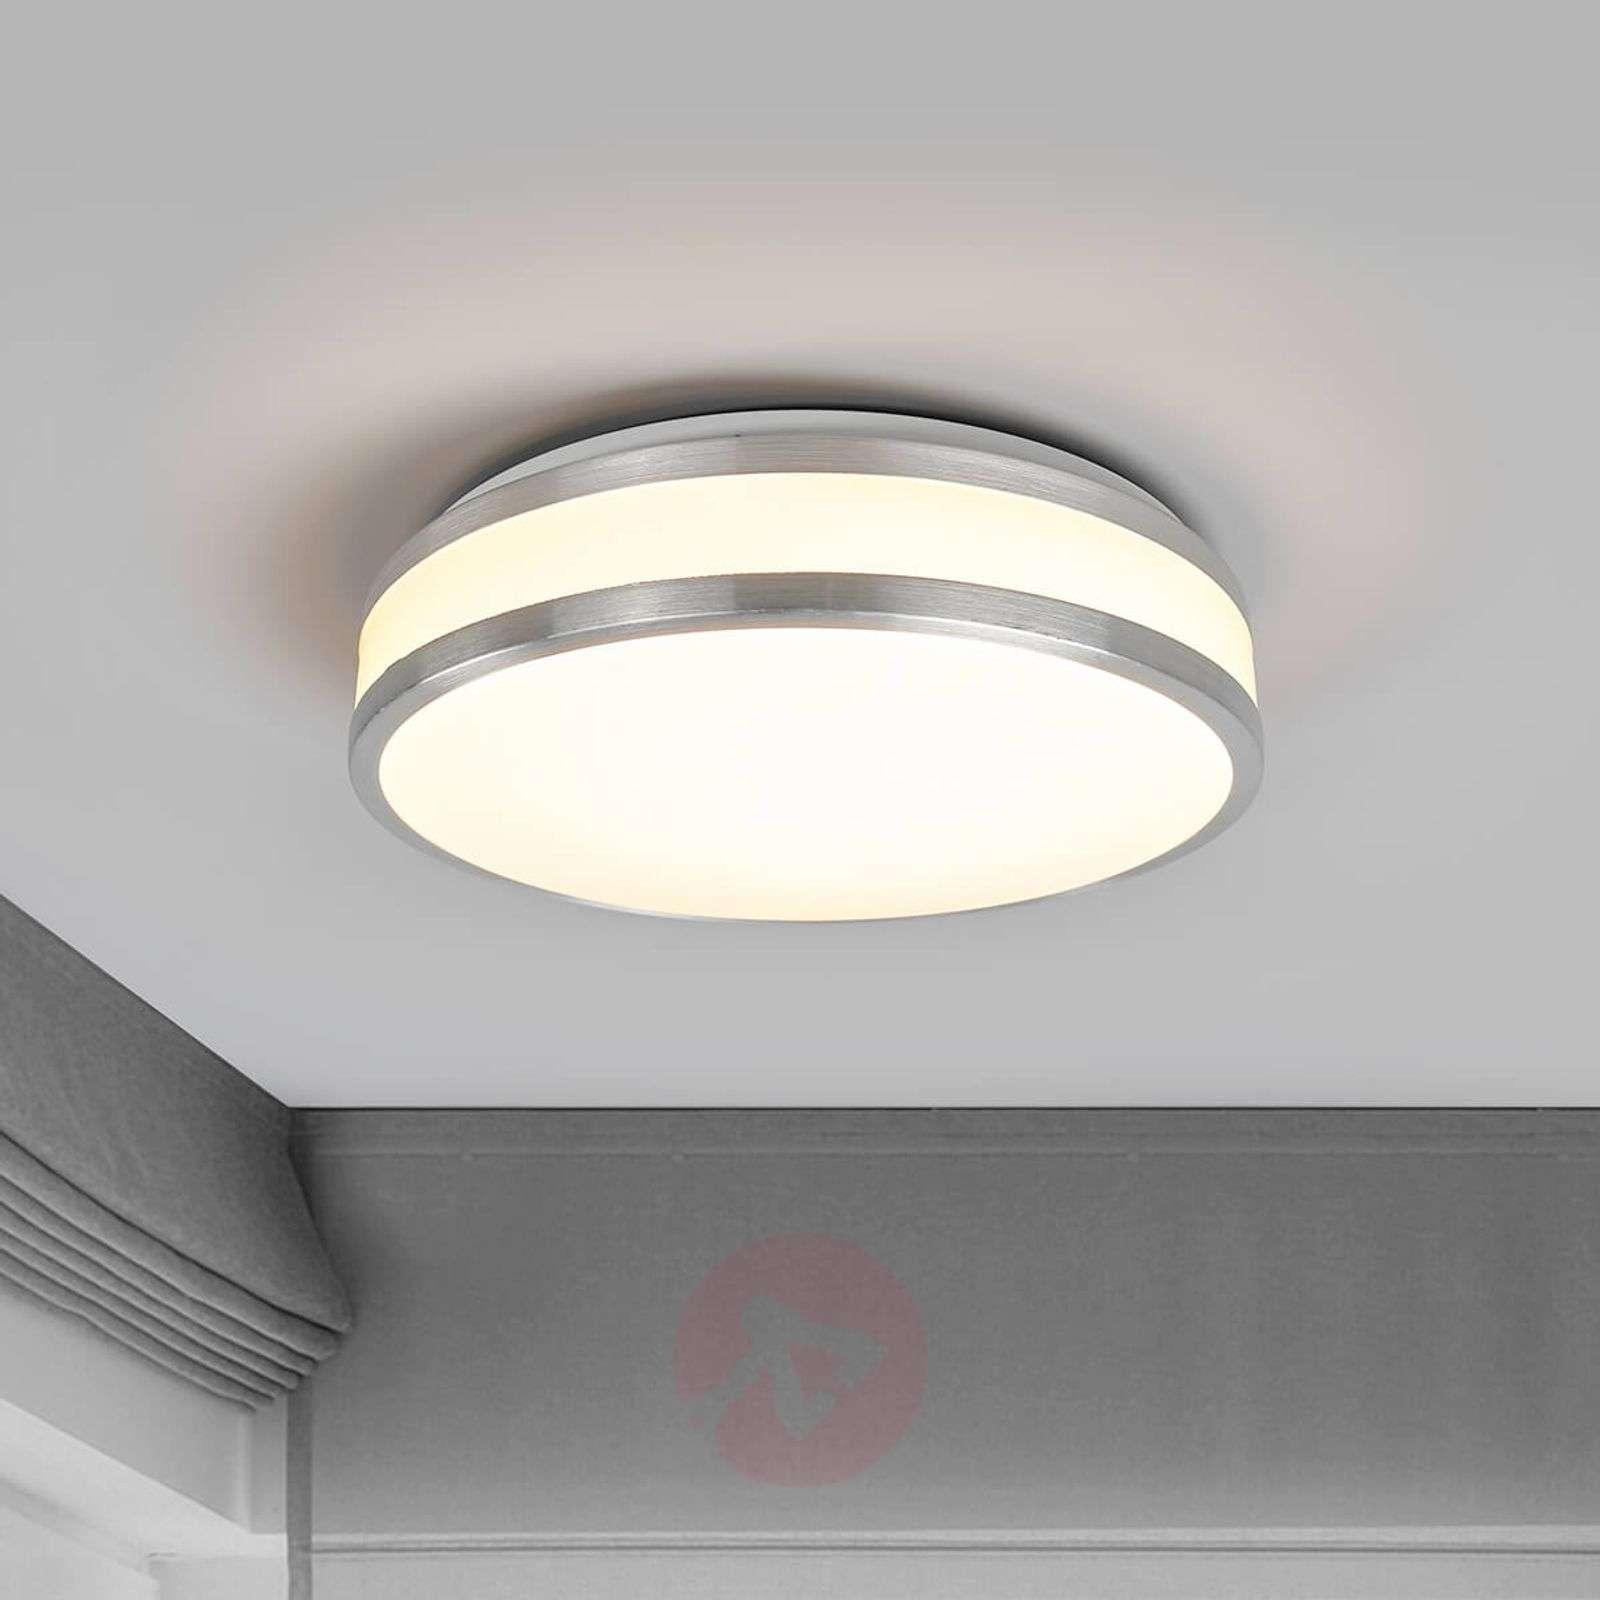 Edona ceiling lamp with bright LEDs-9974024-01